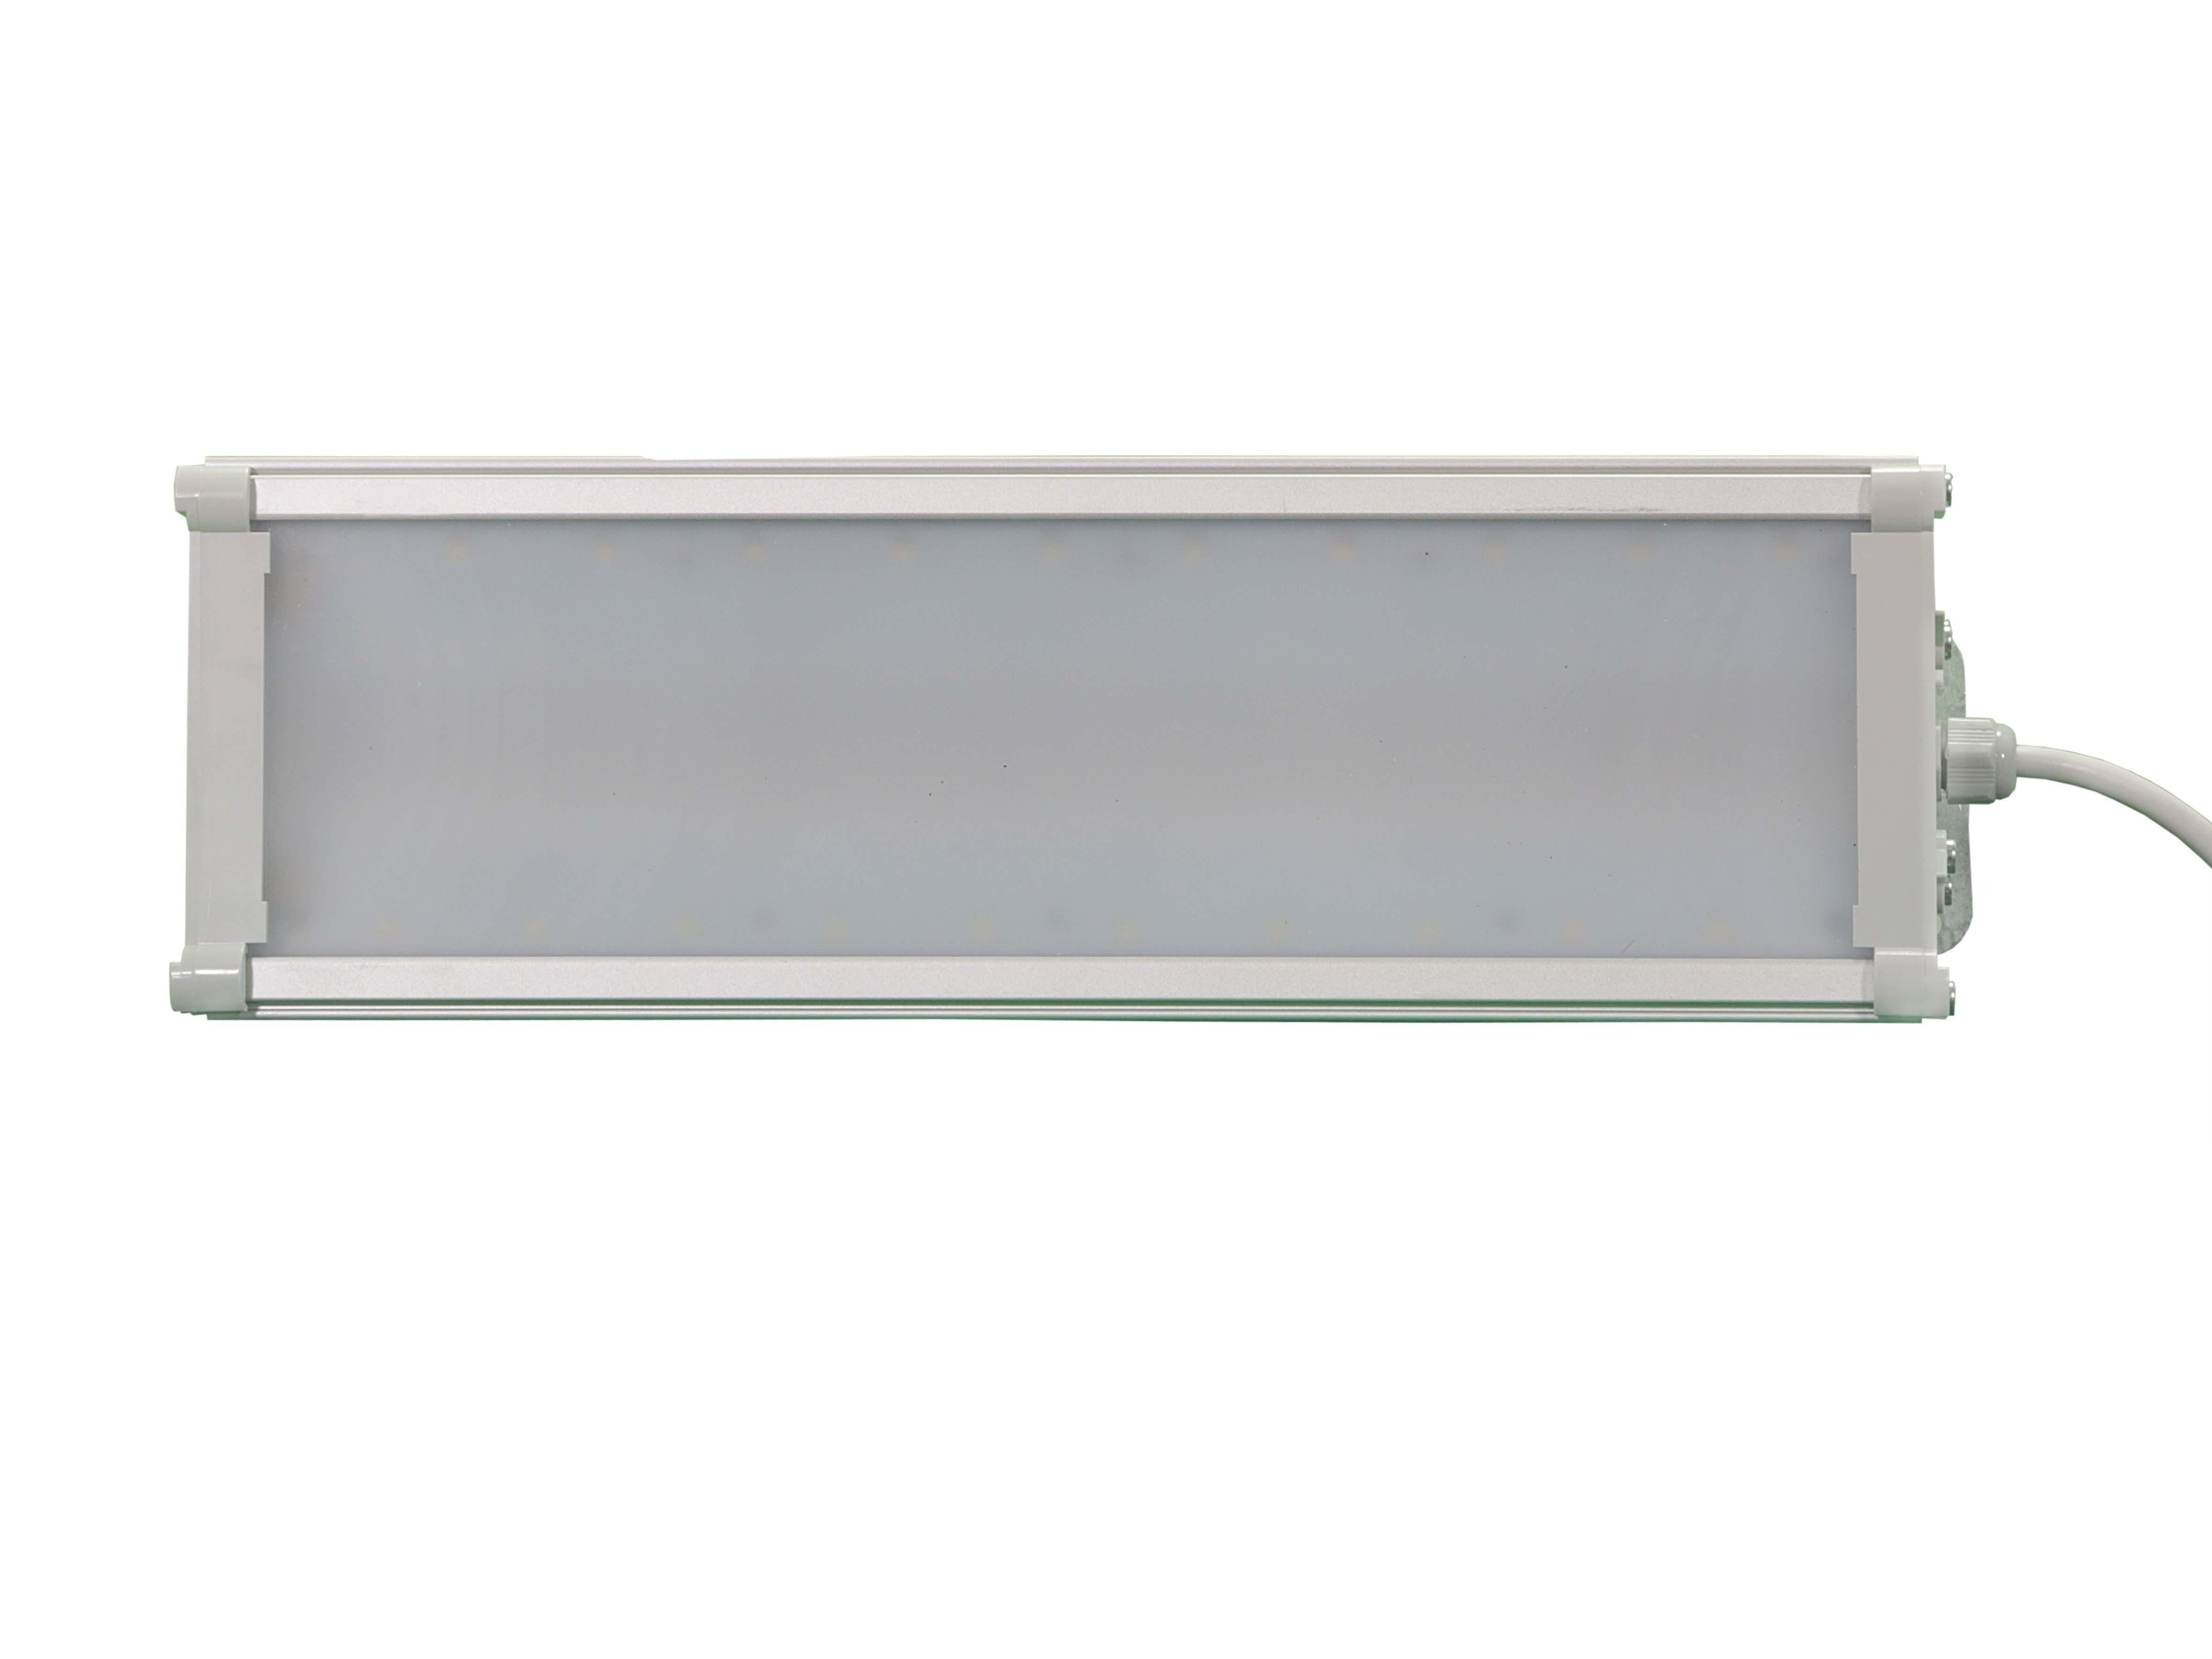 Промышленный светодиодный светильник ДБП-011-100 100Вт 11648Лм